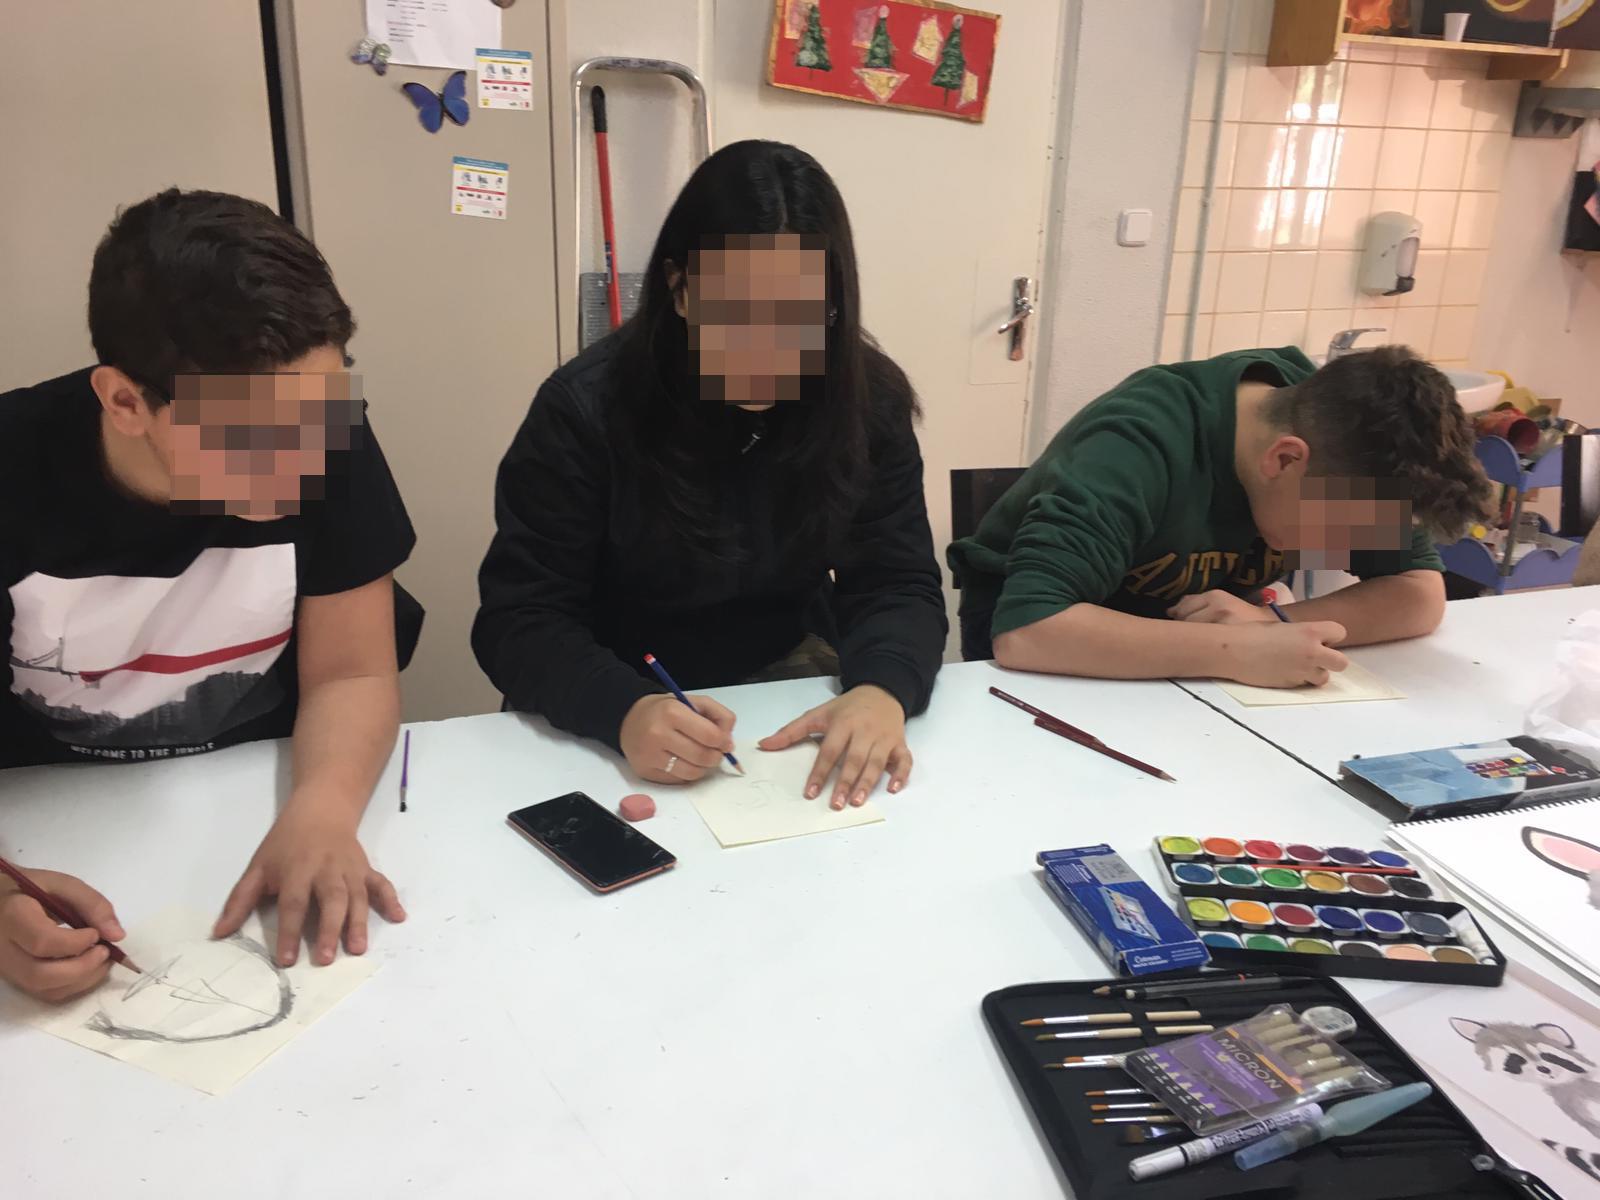 El aula de convivencia, un recurso municipal para los menores expulsados del instituto